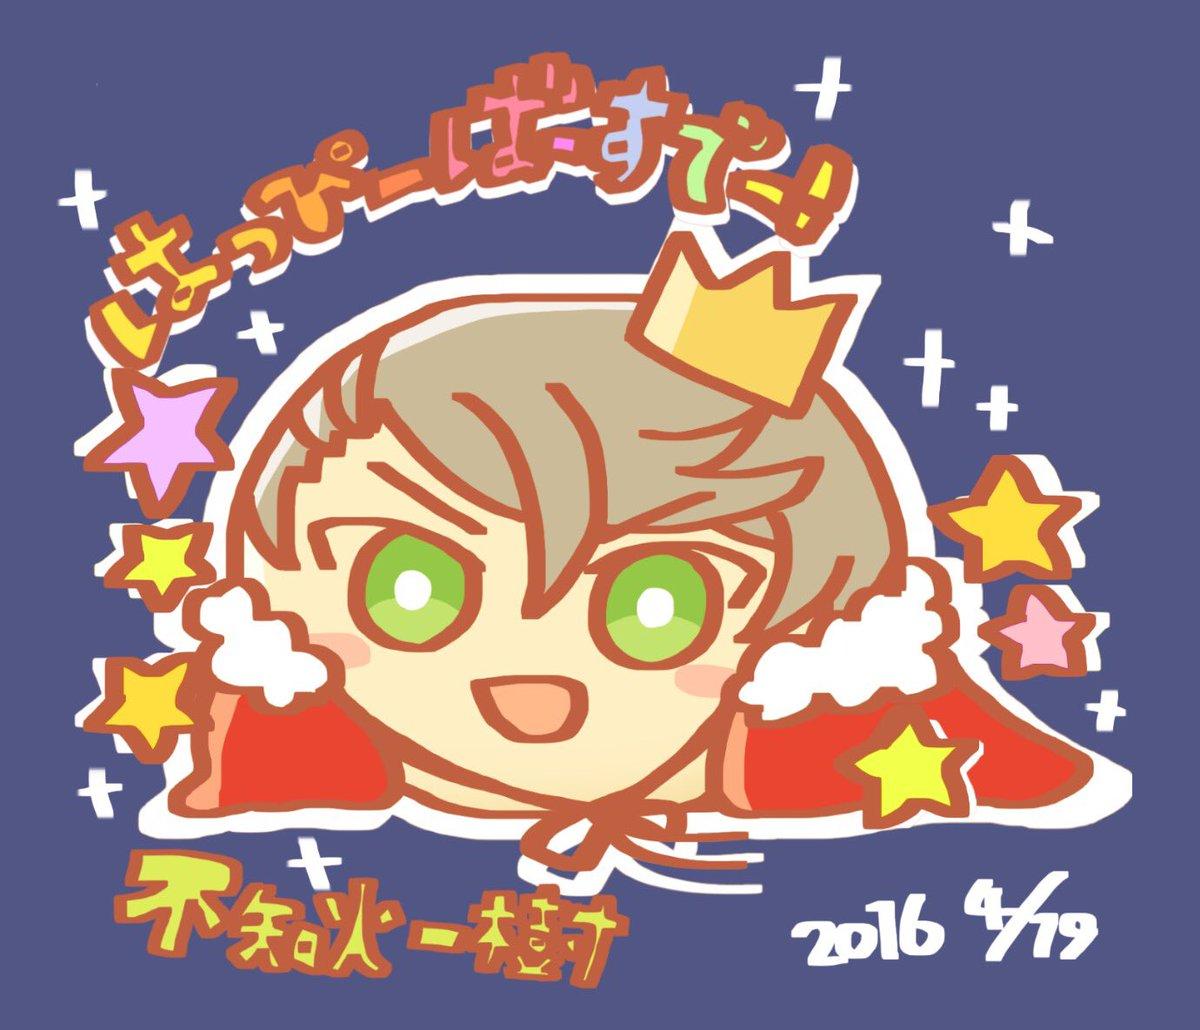 一樹会長お誕生日おめでとうございます〜!私はあなたのおまんじゅうが欲しいです☺️